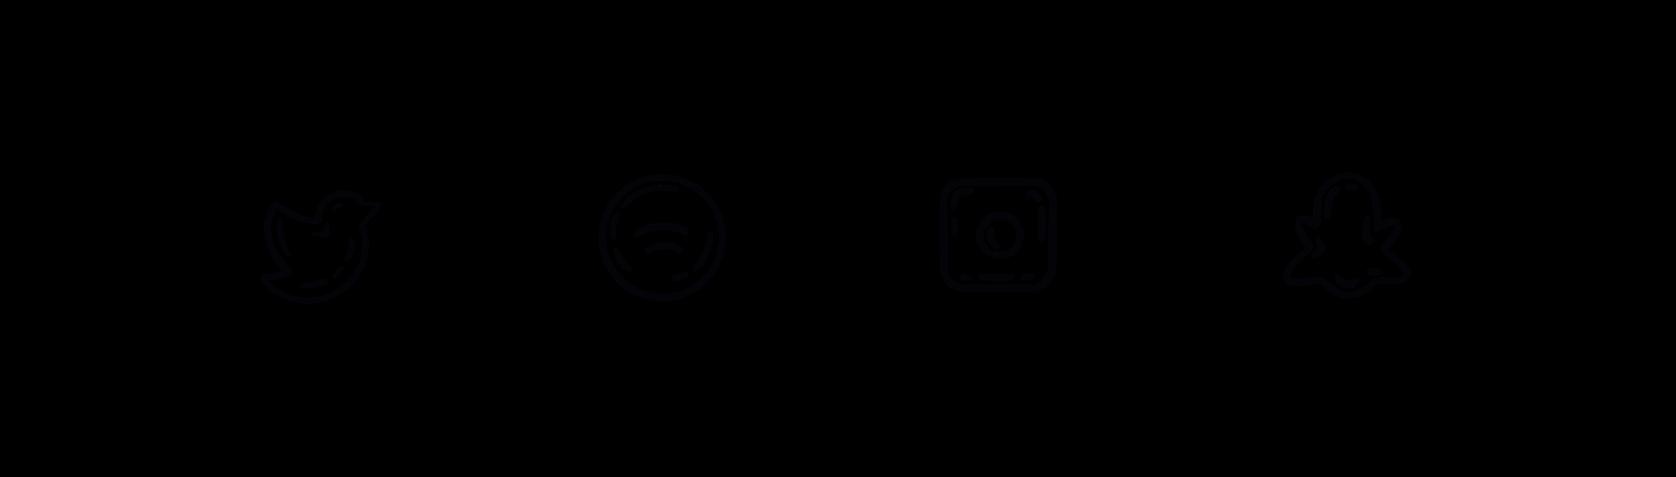 line drawn social media icon bubbles